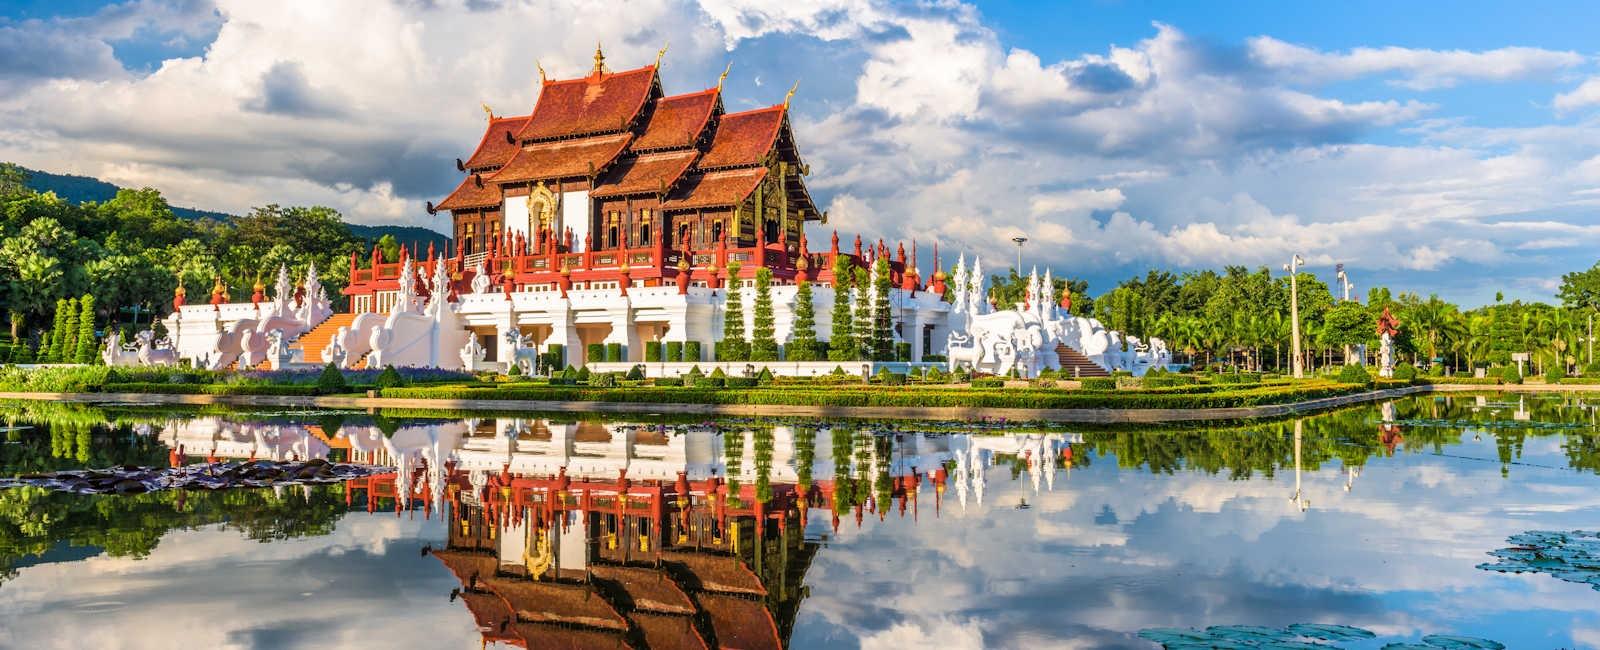 Chiang Mai, main image